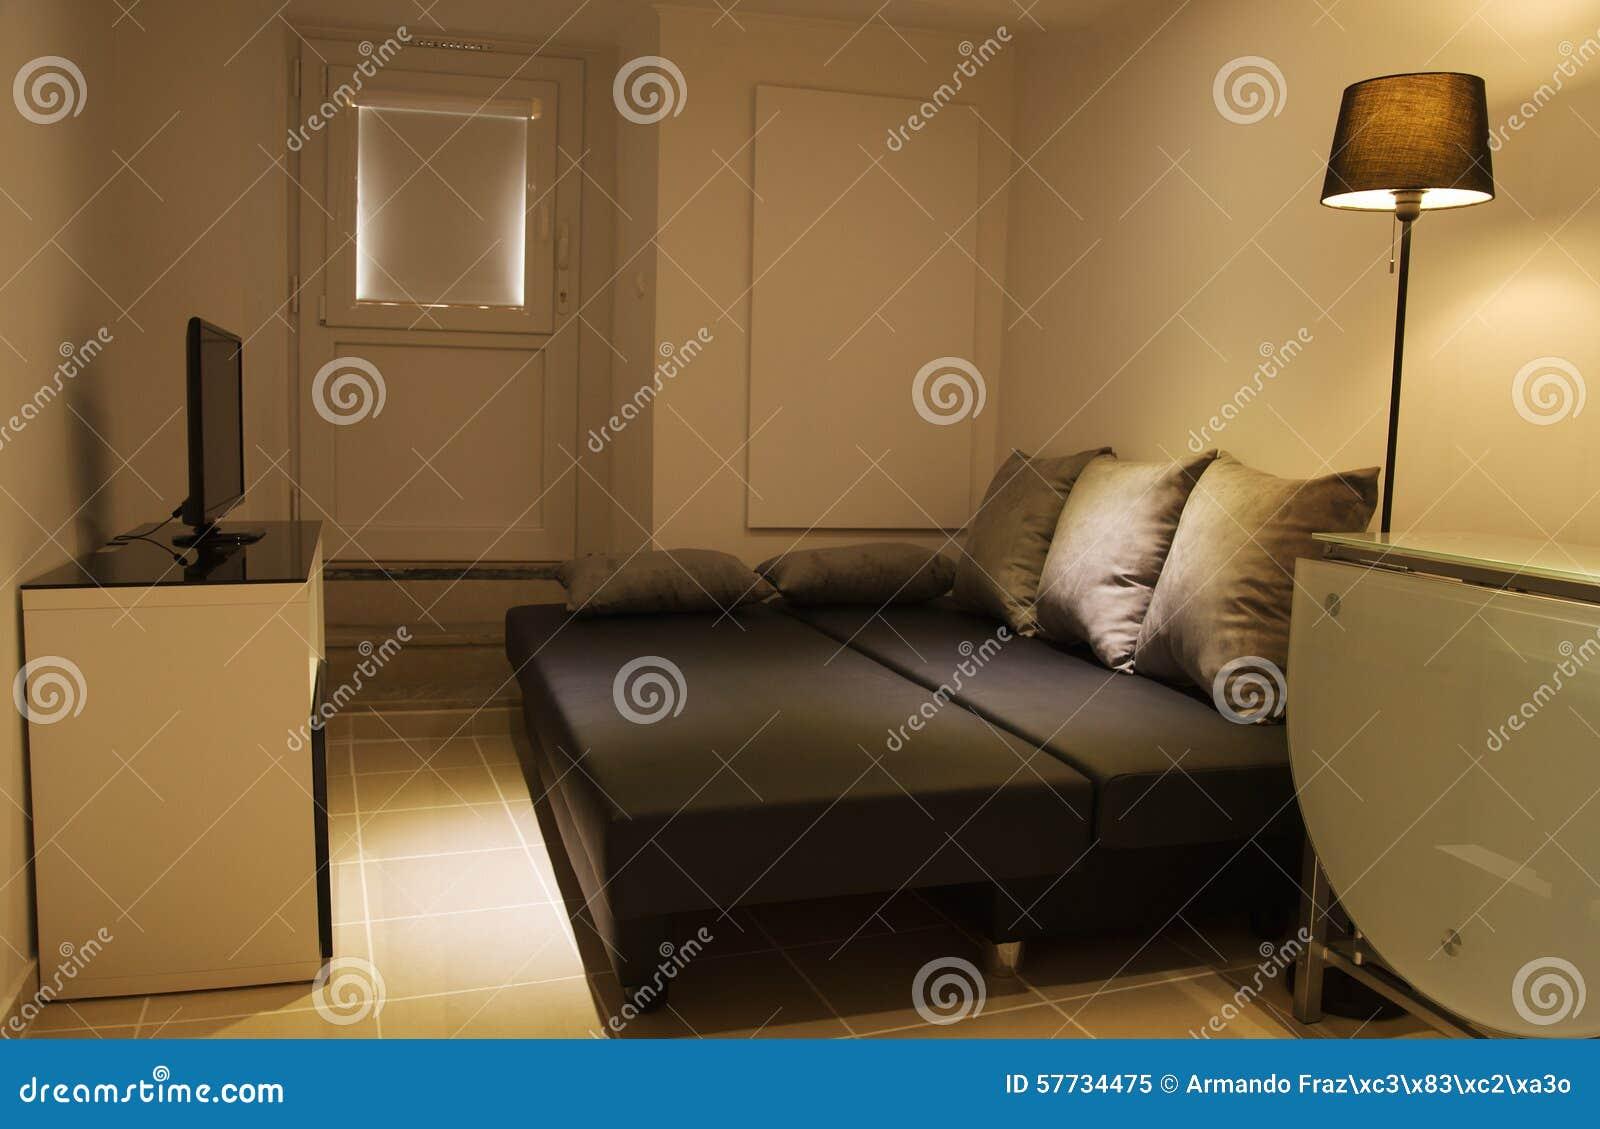 Kleines Wohnzimmer Mit Offener Schlafcouch Stockbild Bild Von Cozy Standplatz 57734475